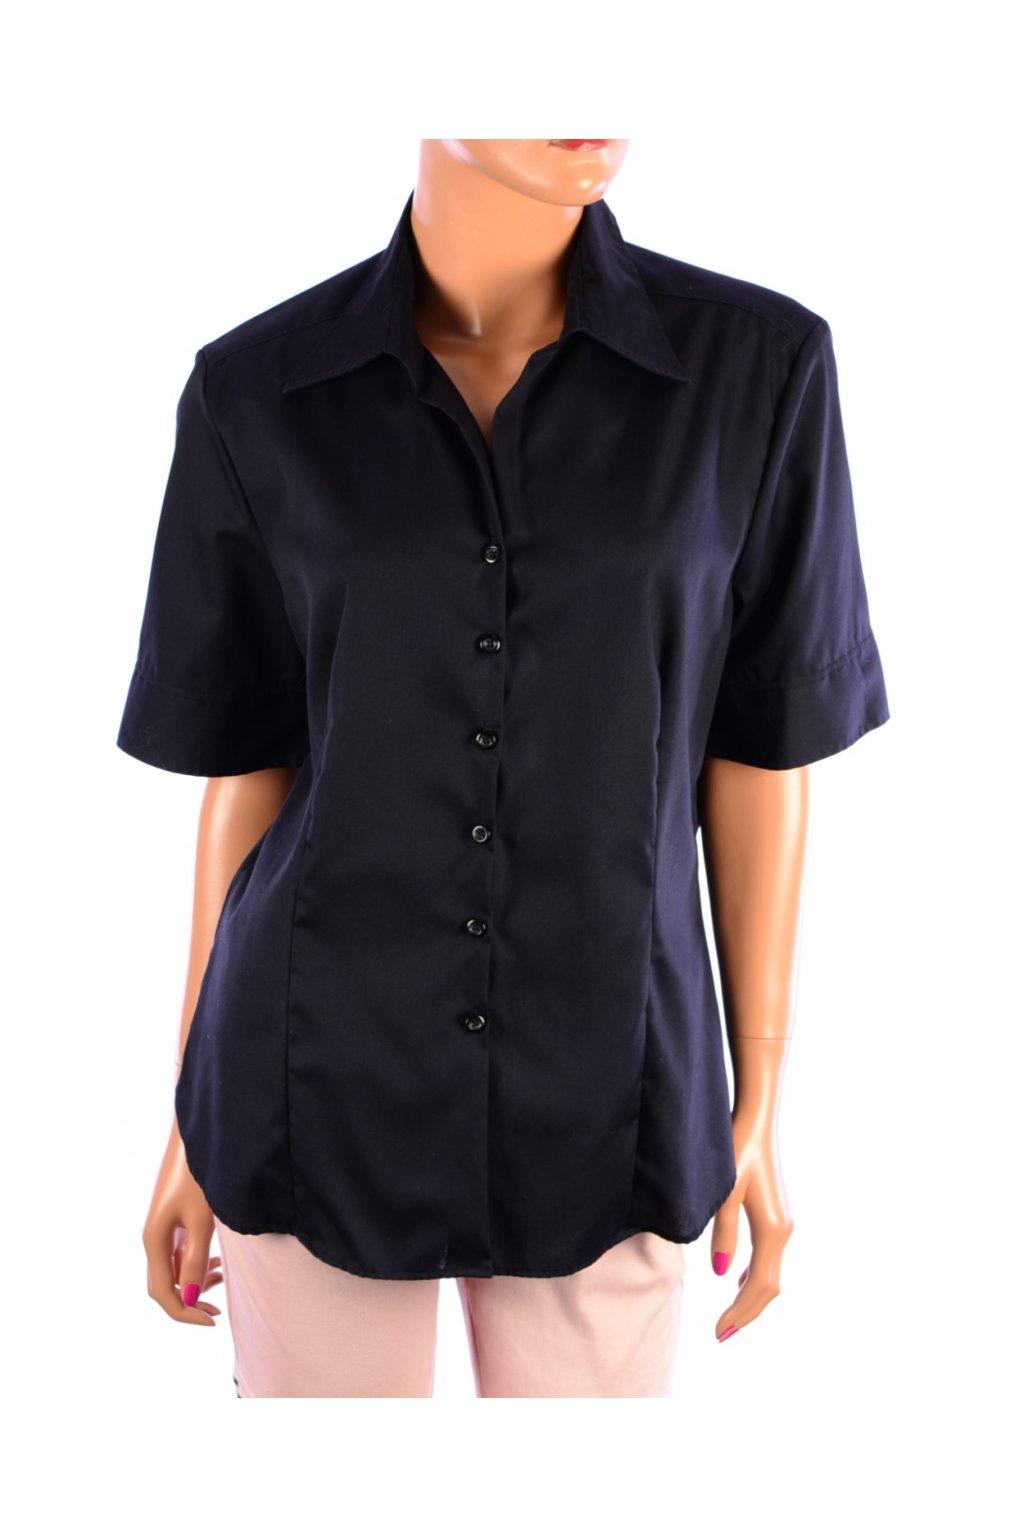 Halenka košile Hany Kroll vel 42/M-L černá